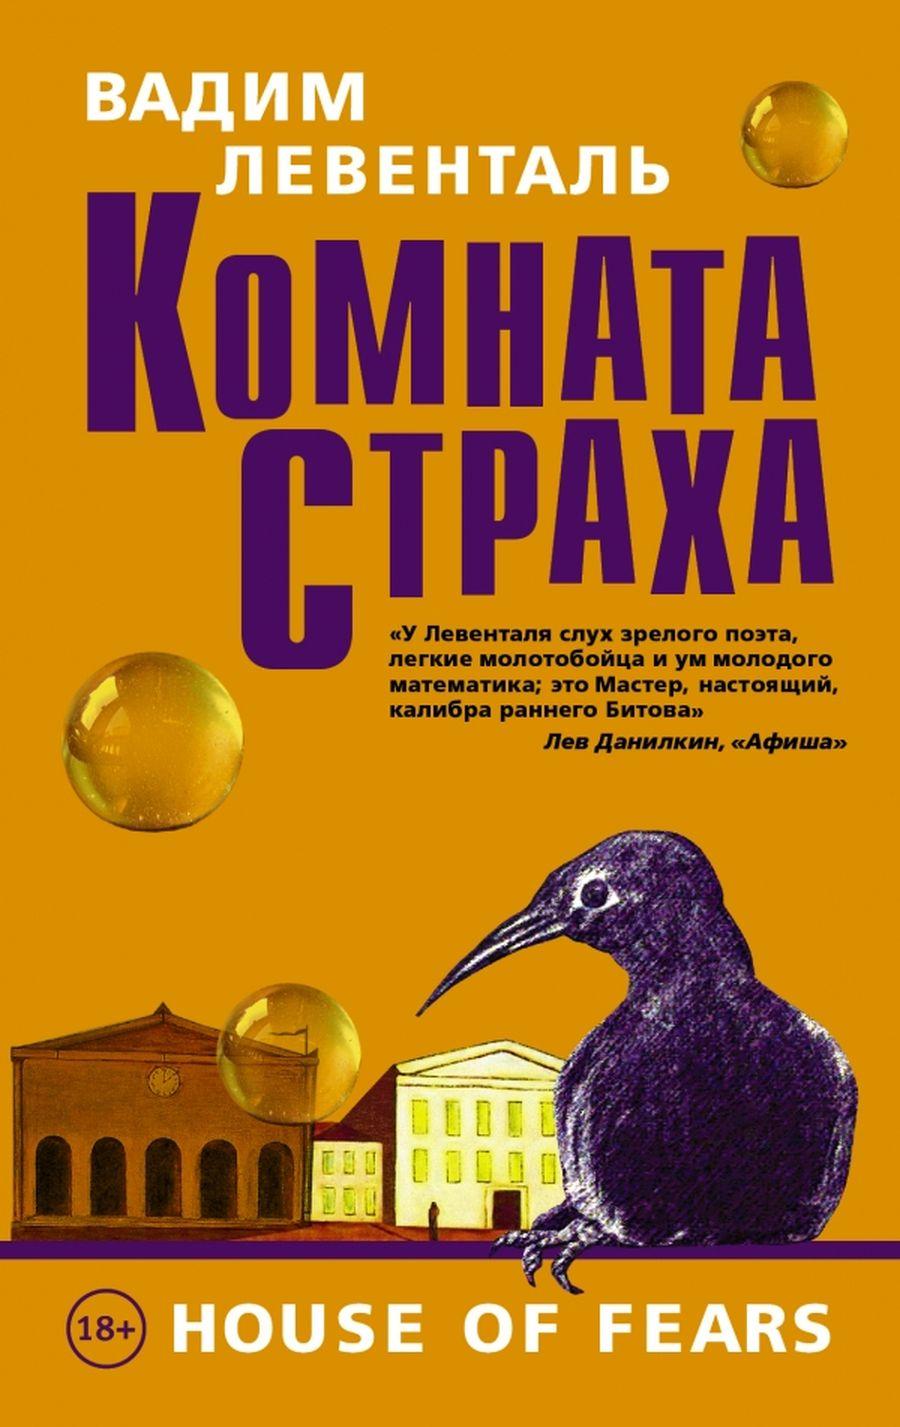 «Комната страха» — сборник рассказов Левенталя, вышедший в 2015 году